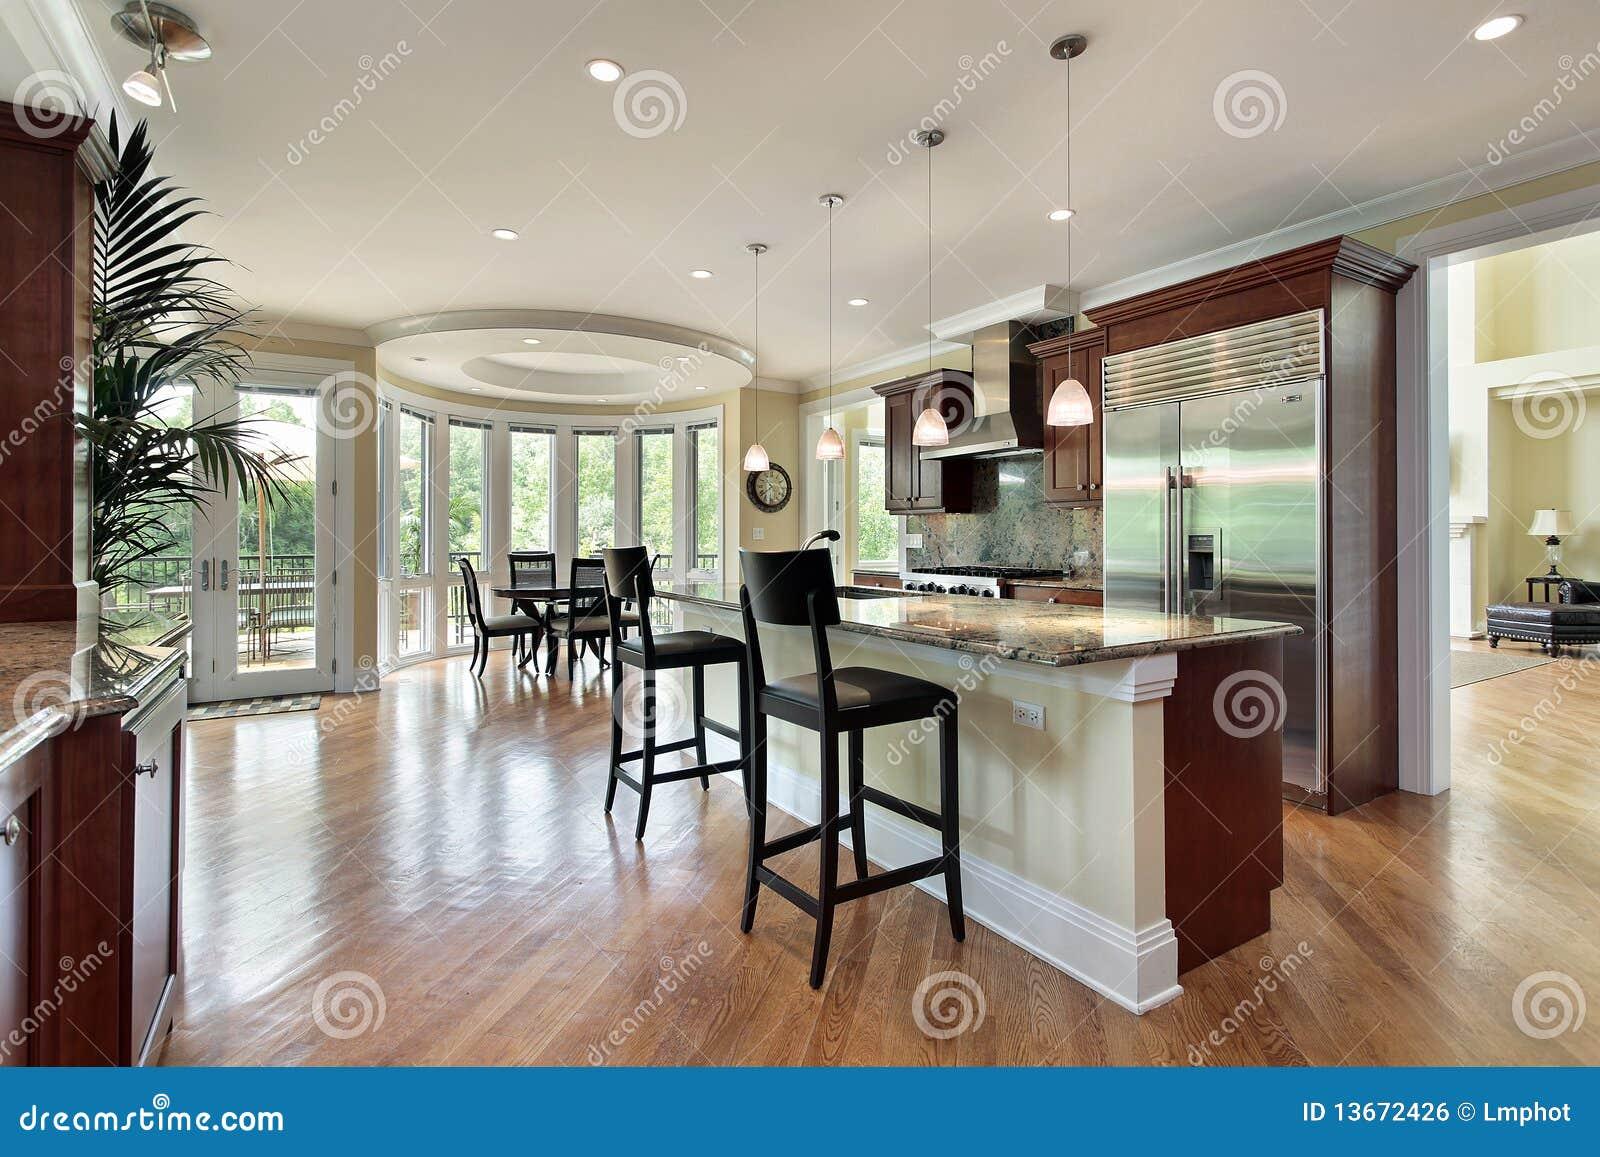 Kitchen Eating Area Similiar Kitchen Eating Area Keywords